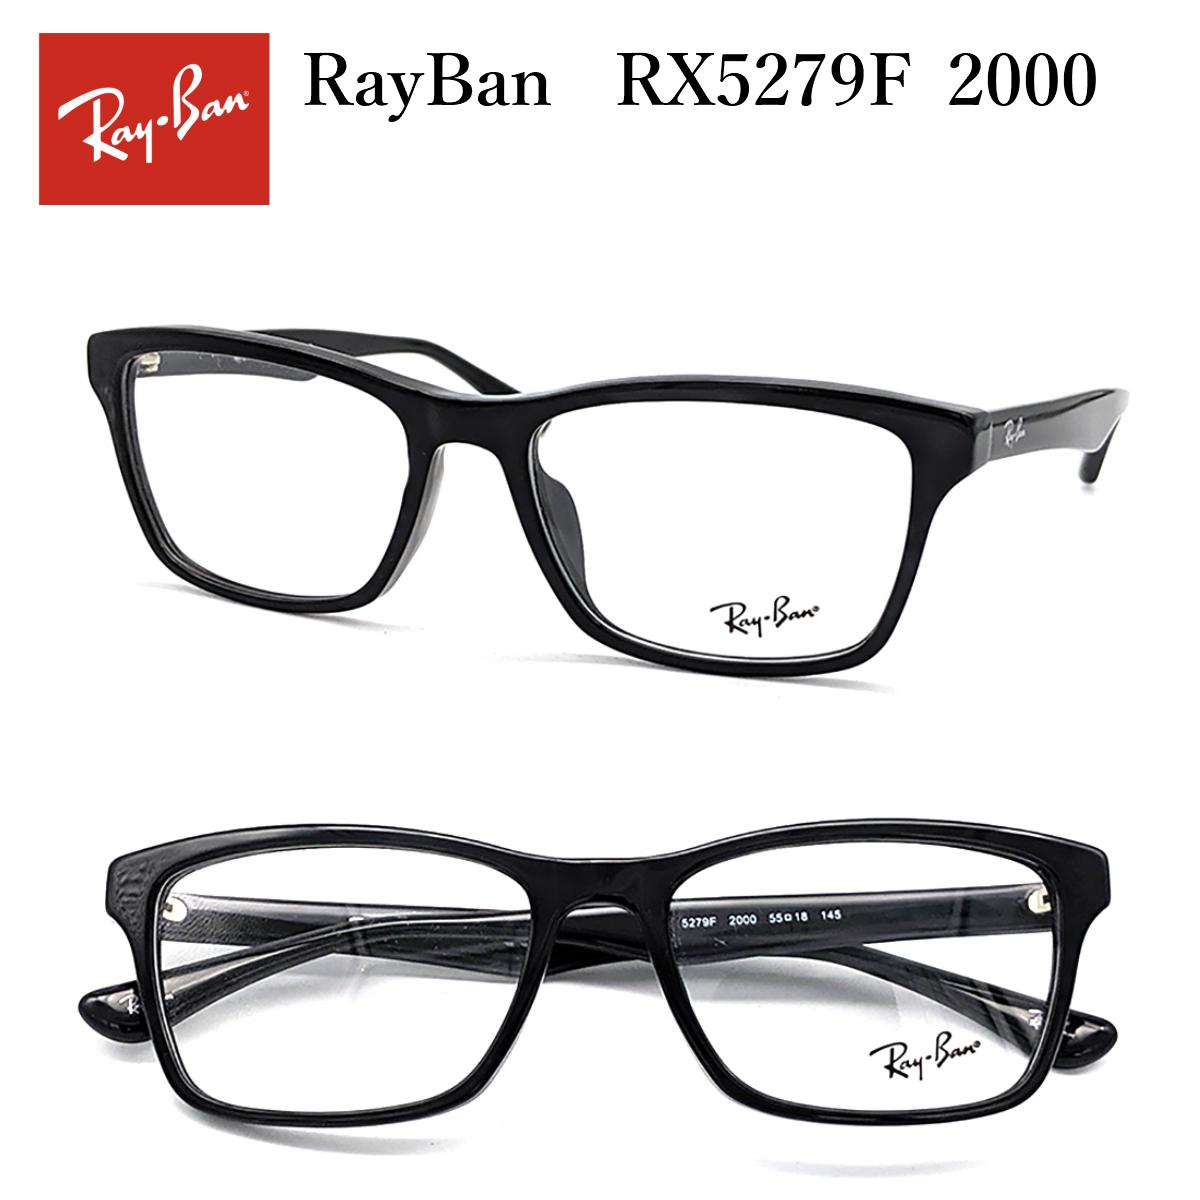 【正規品】 レイバン メガネ フレーム RayBan RX5279F (RB5279F) 2000 眼鏡 めがね 度付き対応 送料無料 定番 人気 オススメ 黒縁 黒 スクエア シャープ ビジネス カジュアル メンズ レディース 男性 女性 父の日 プレゼント